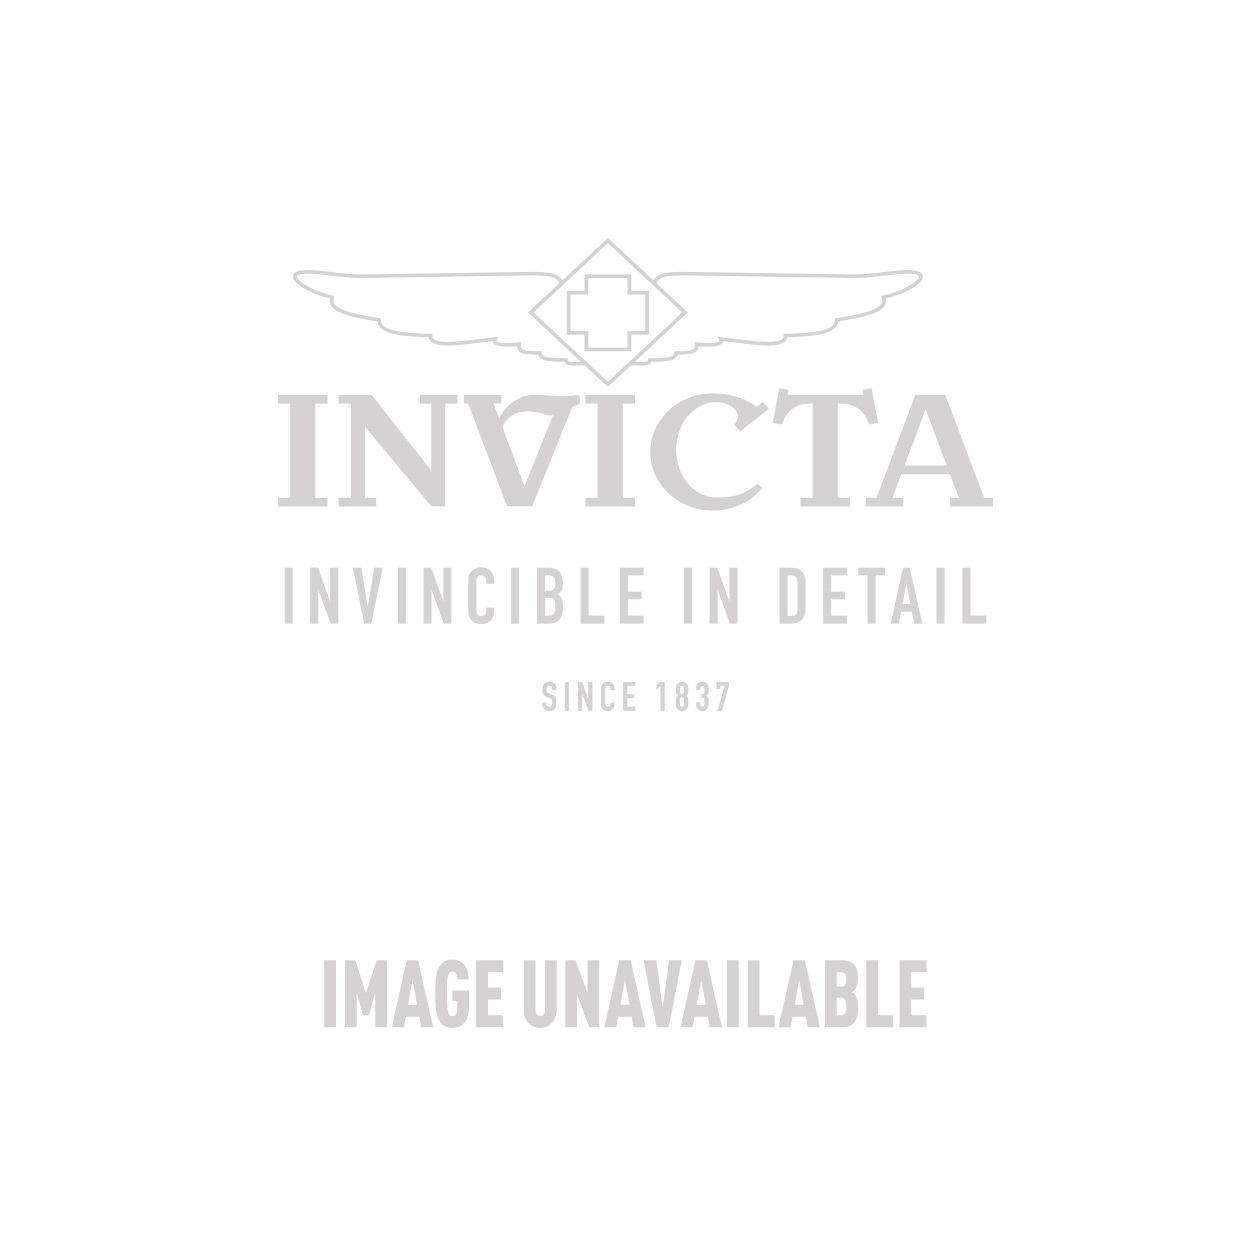 Invicta Model 29259